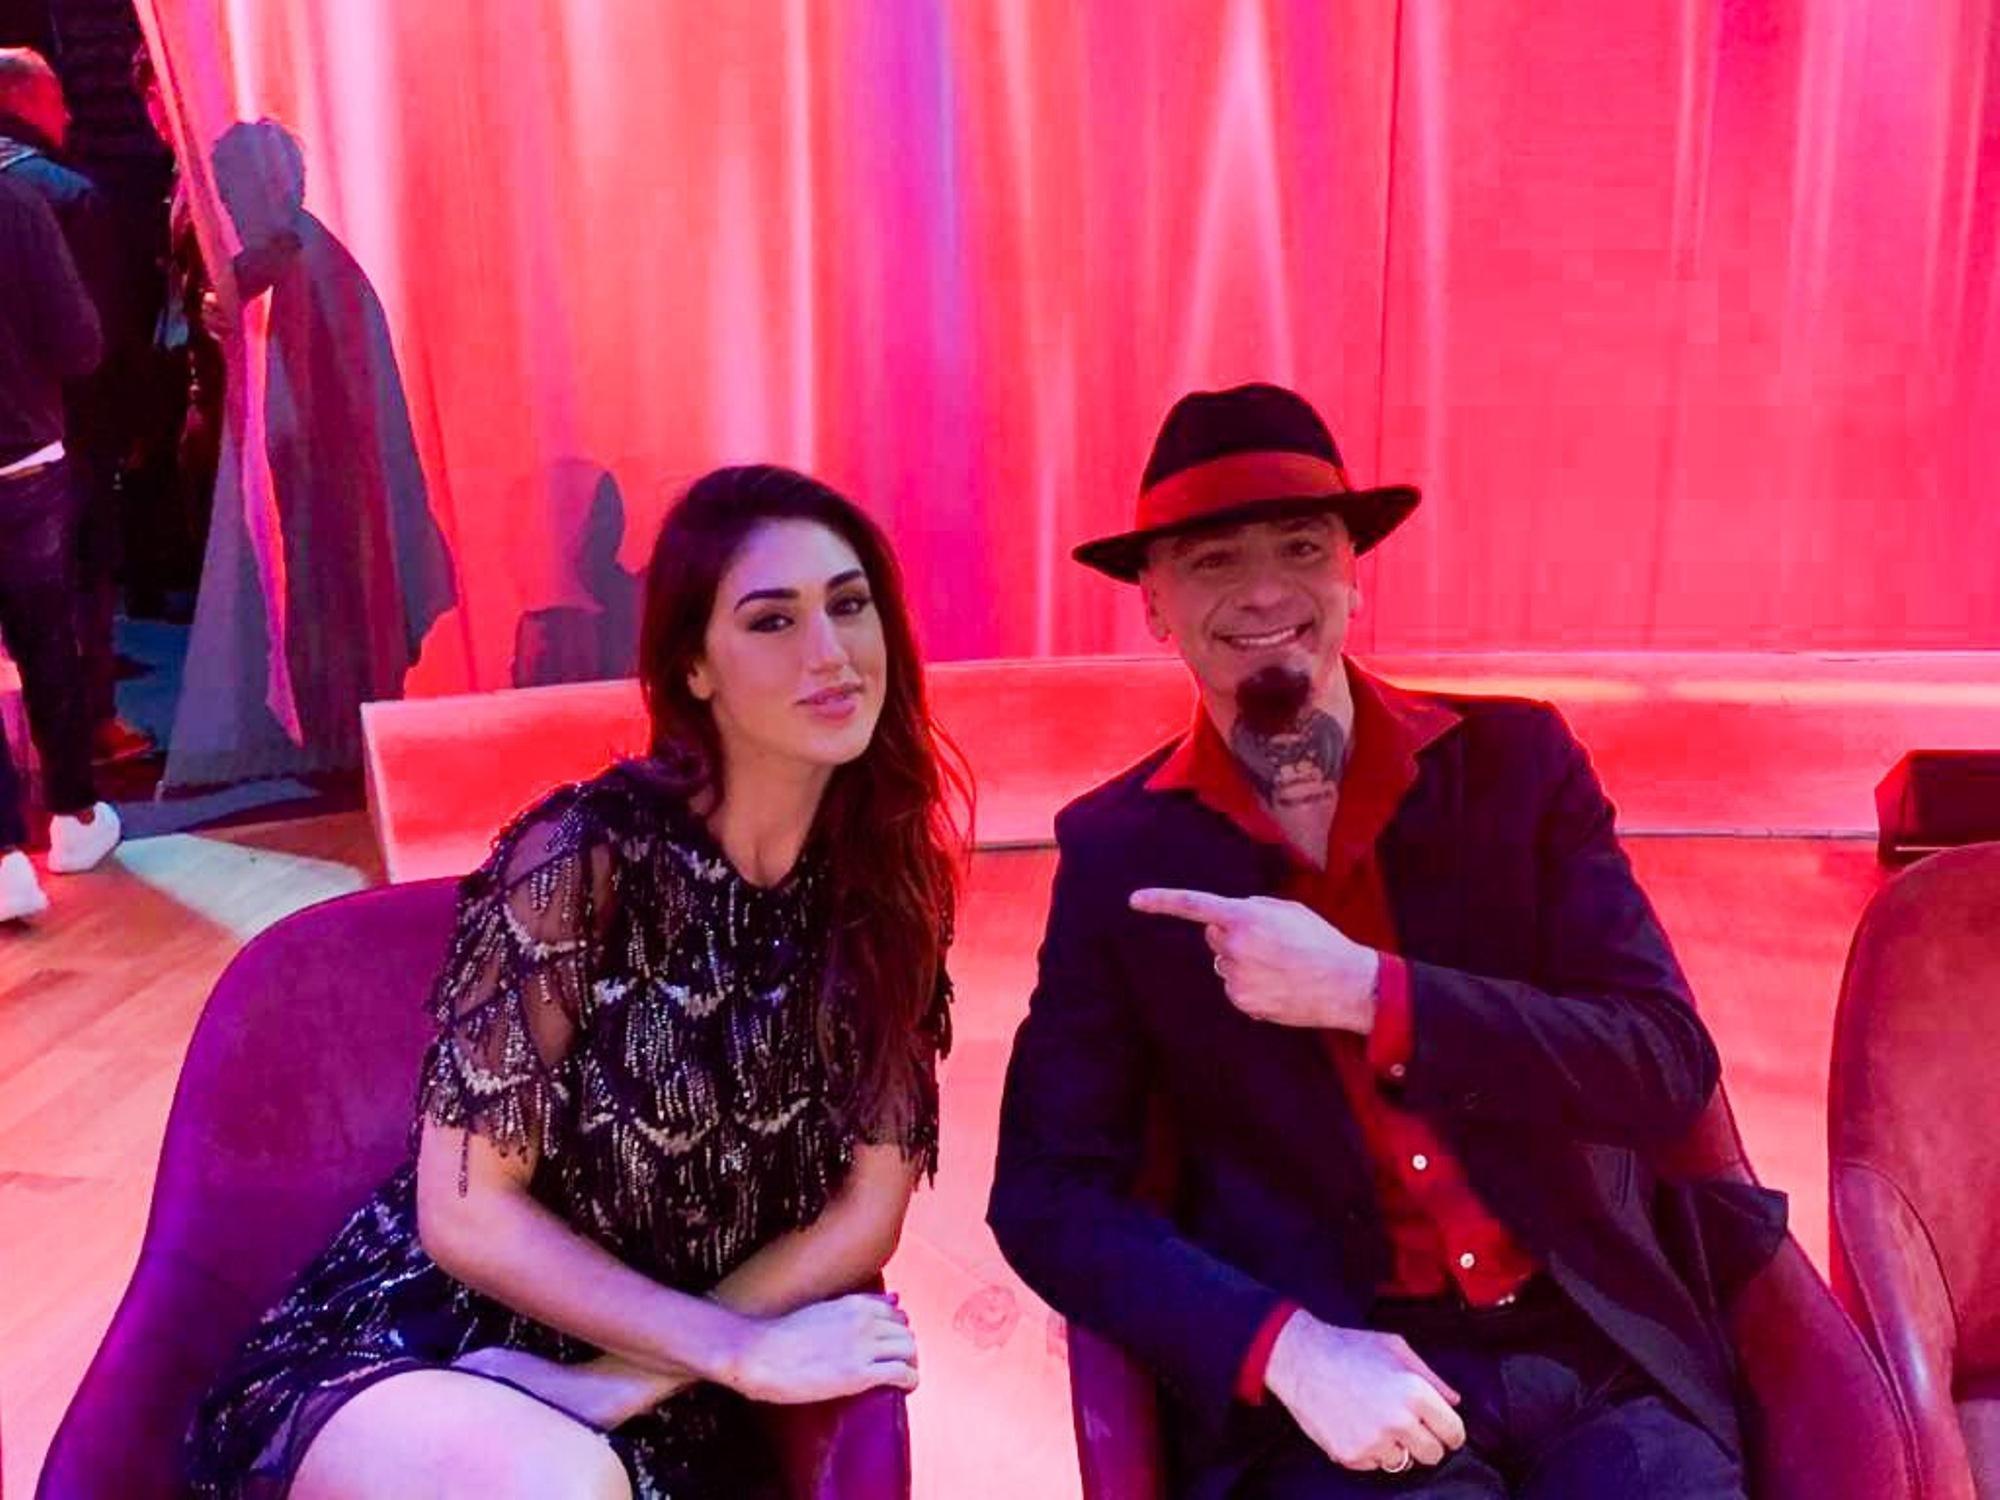 Maurizio Costanzo Show : J-Ax, Valeria Marini e Giancarlo Magalli per la terza puntata